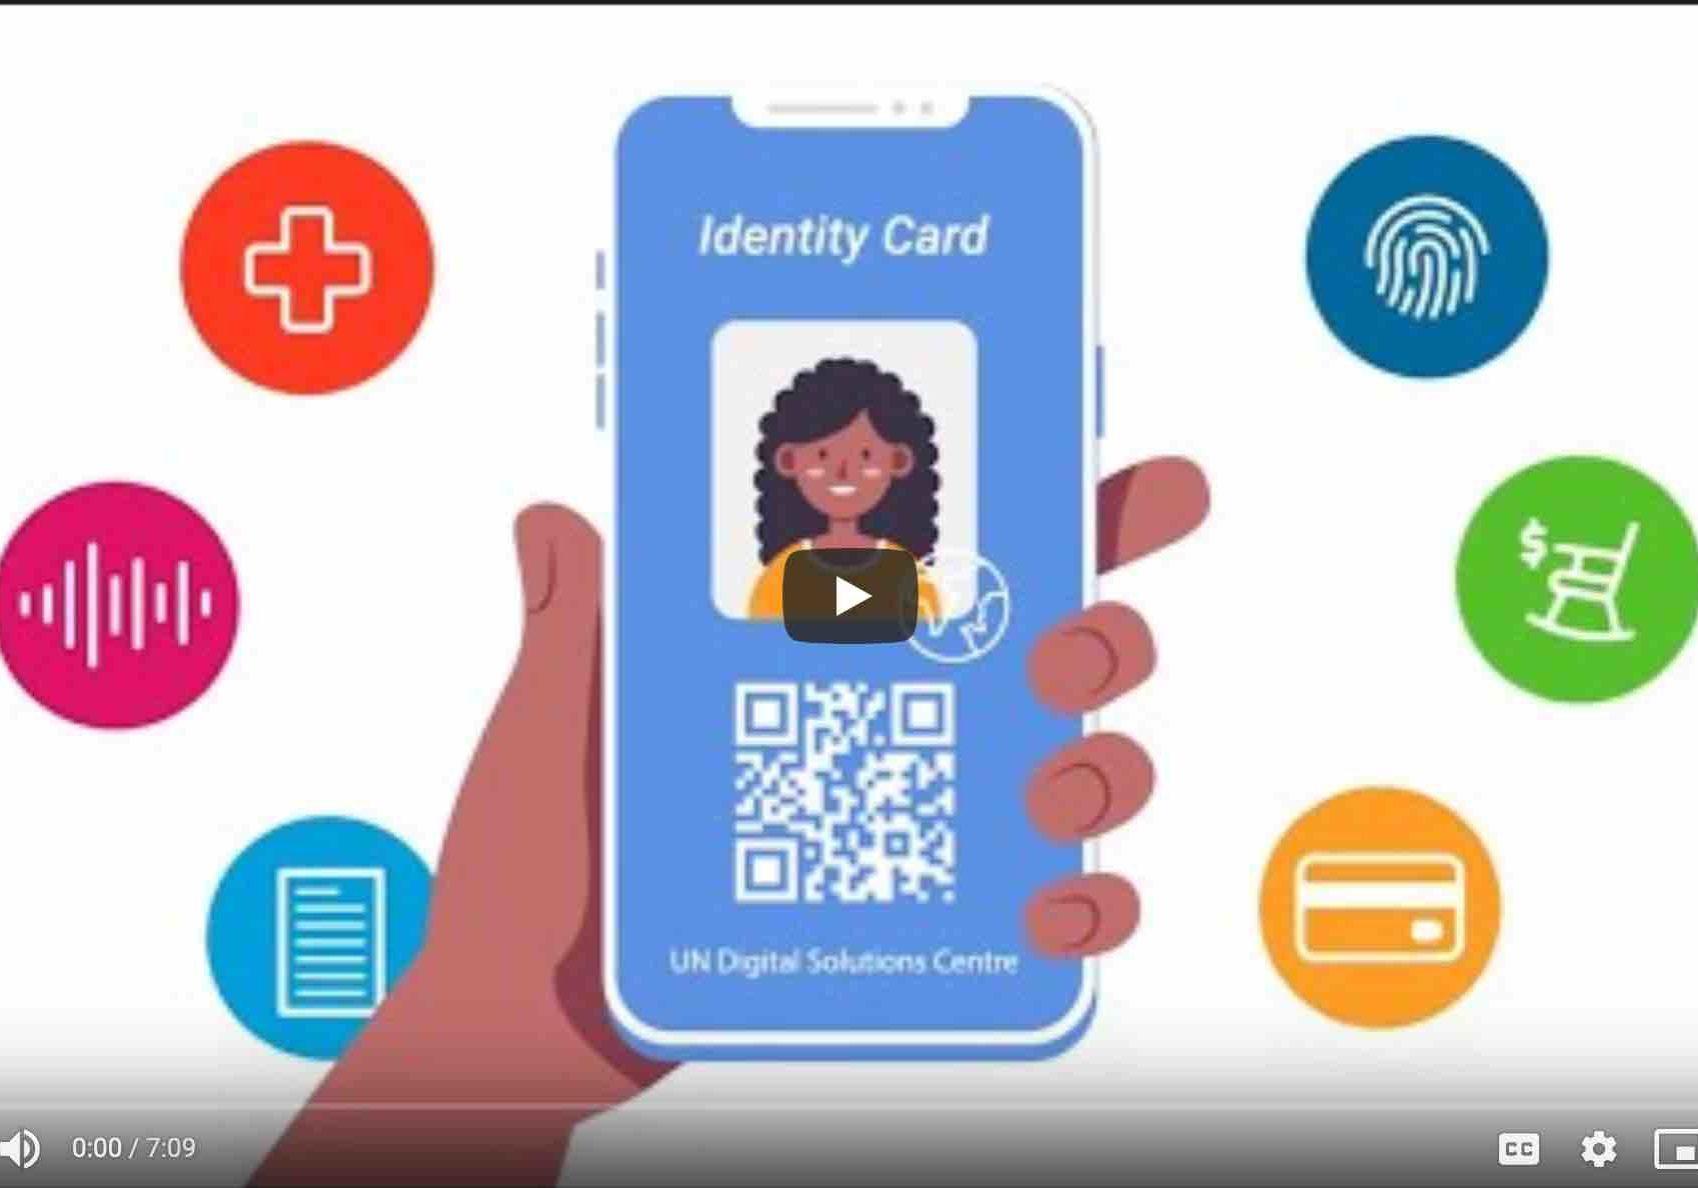 Digital Identity Card